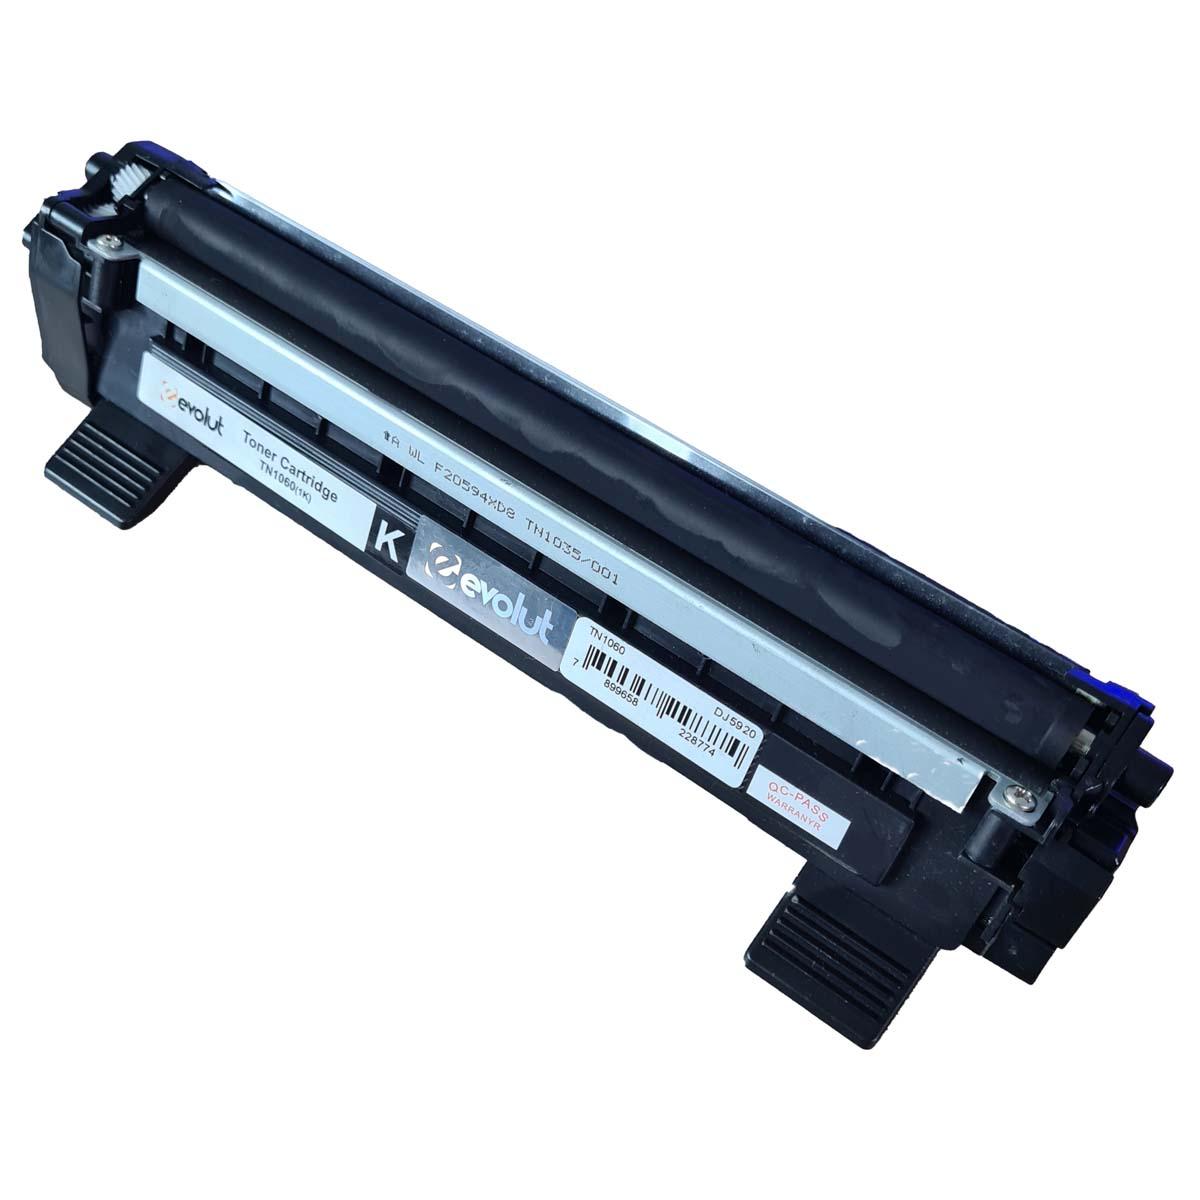 Toner TN1060 Evolut Compatível com HL-1212W DCP-1612 1510R da Brother